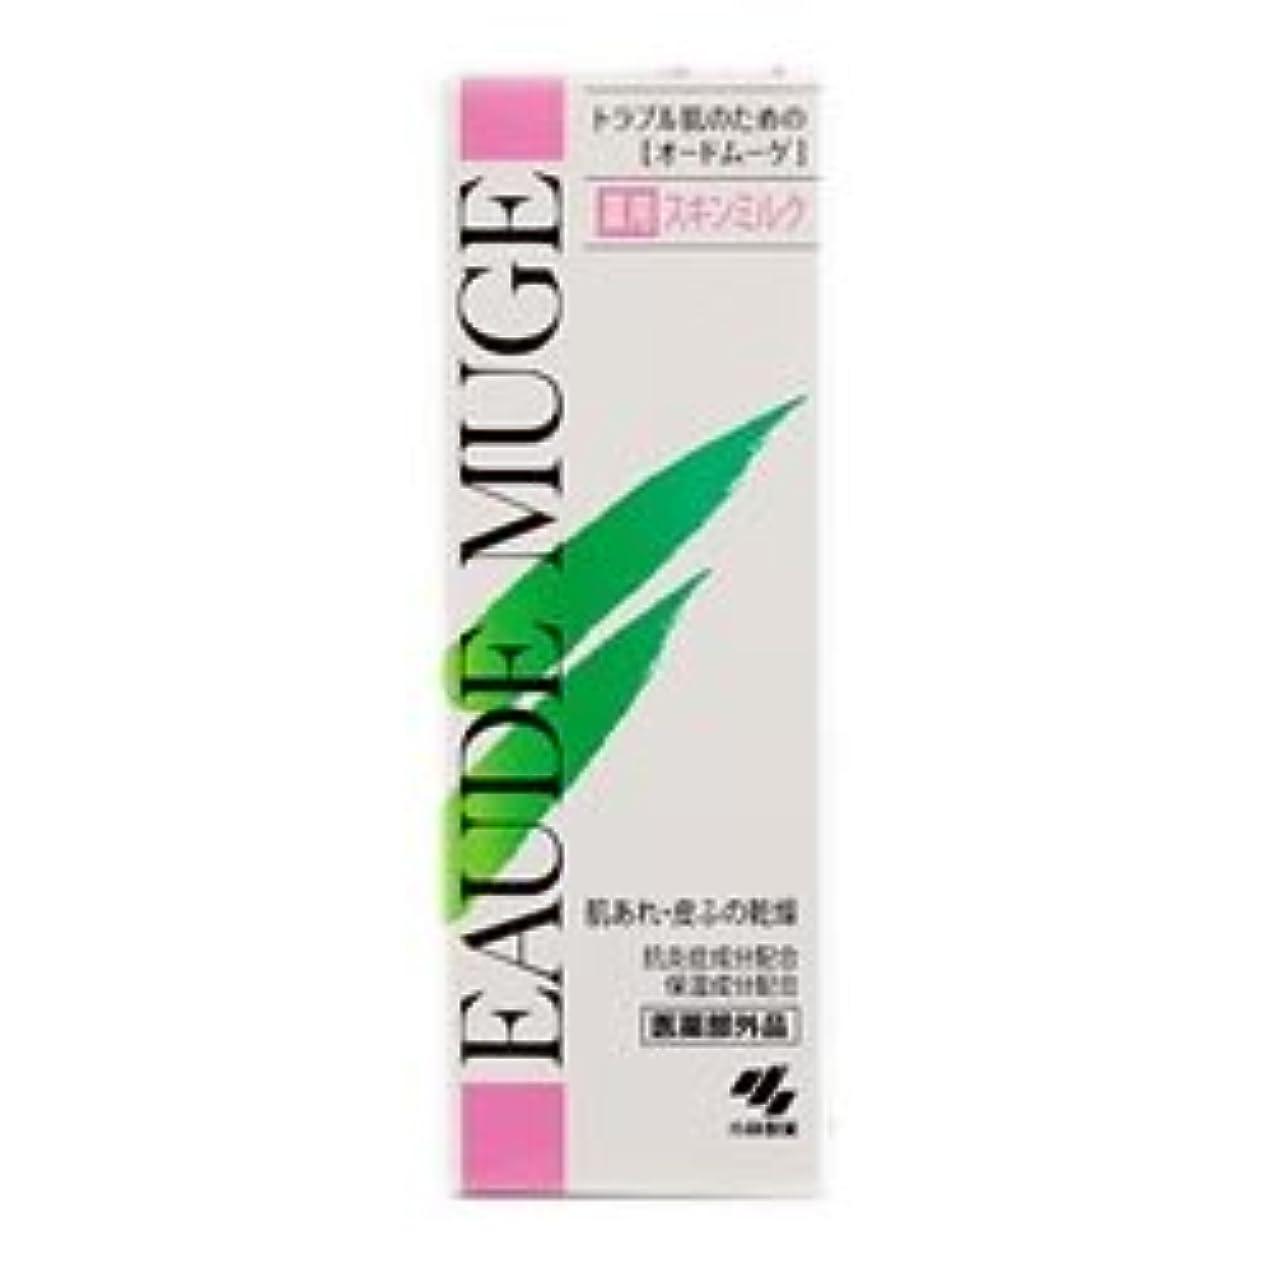 衣装高いポール【小林製薬】オードムーゲ薬用スキンミルク 100g ×5個セット